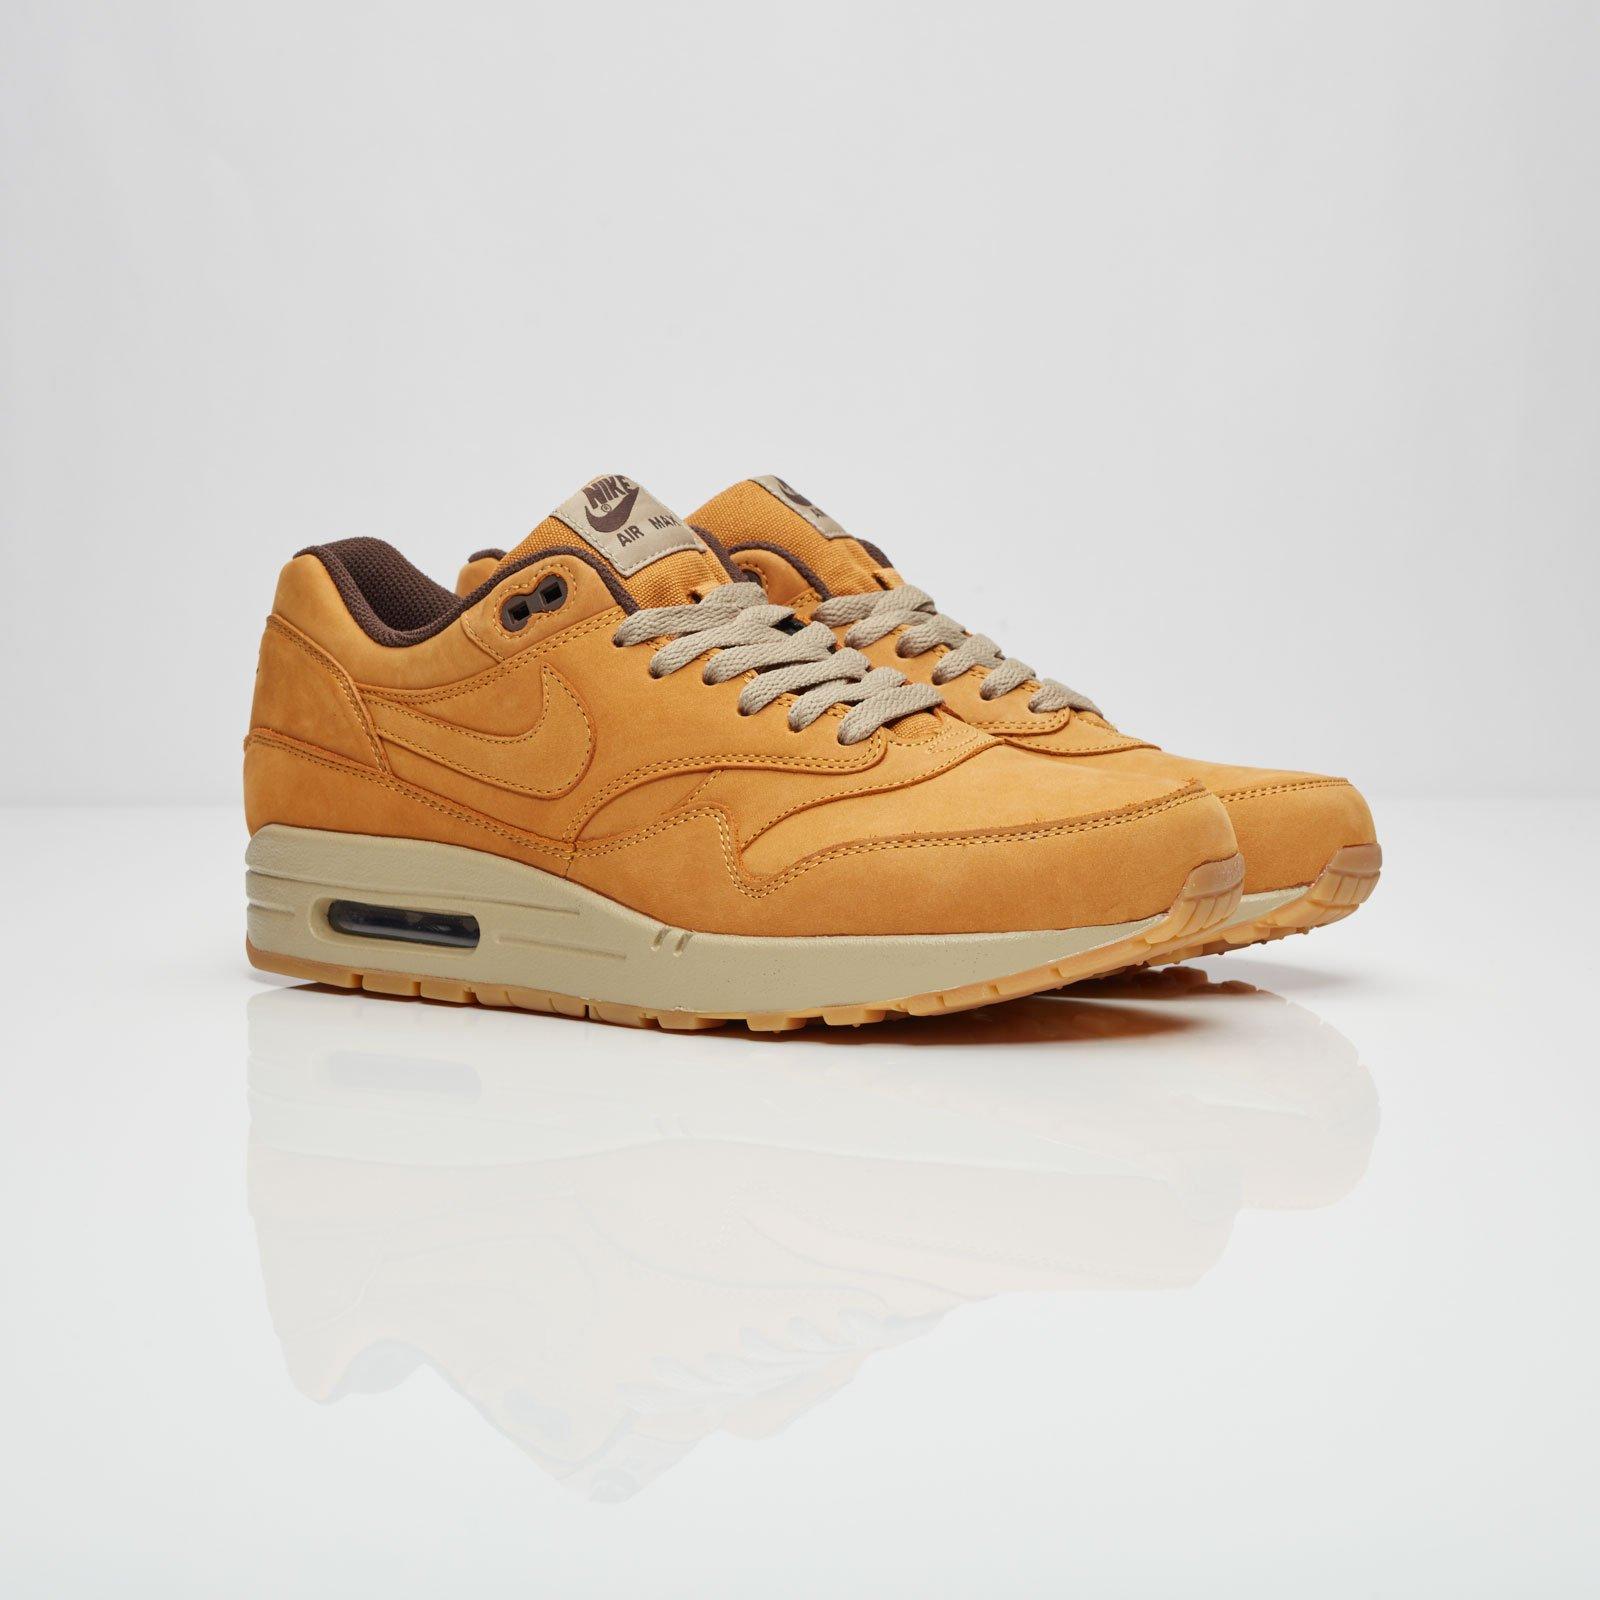 Leather 705282 700 Sneakersnstuff Air Nike 1 Premium Max 3c4q5ARjL